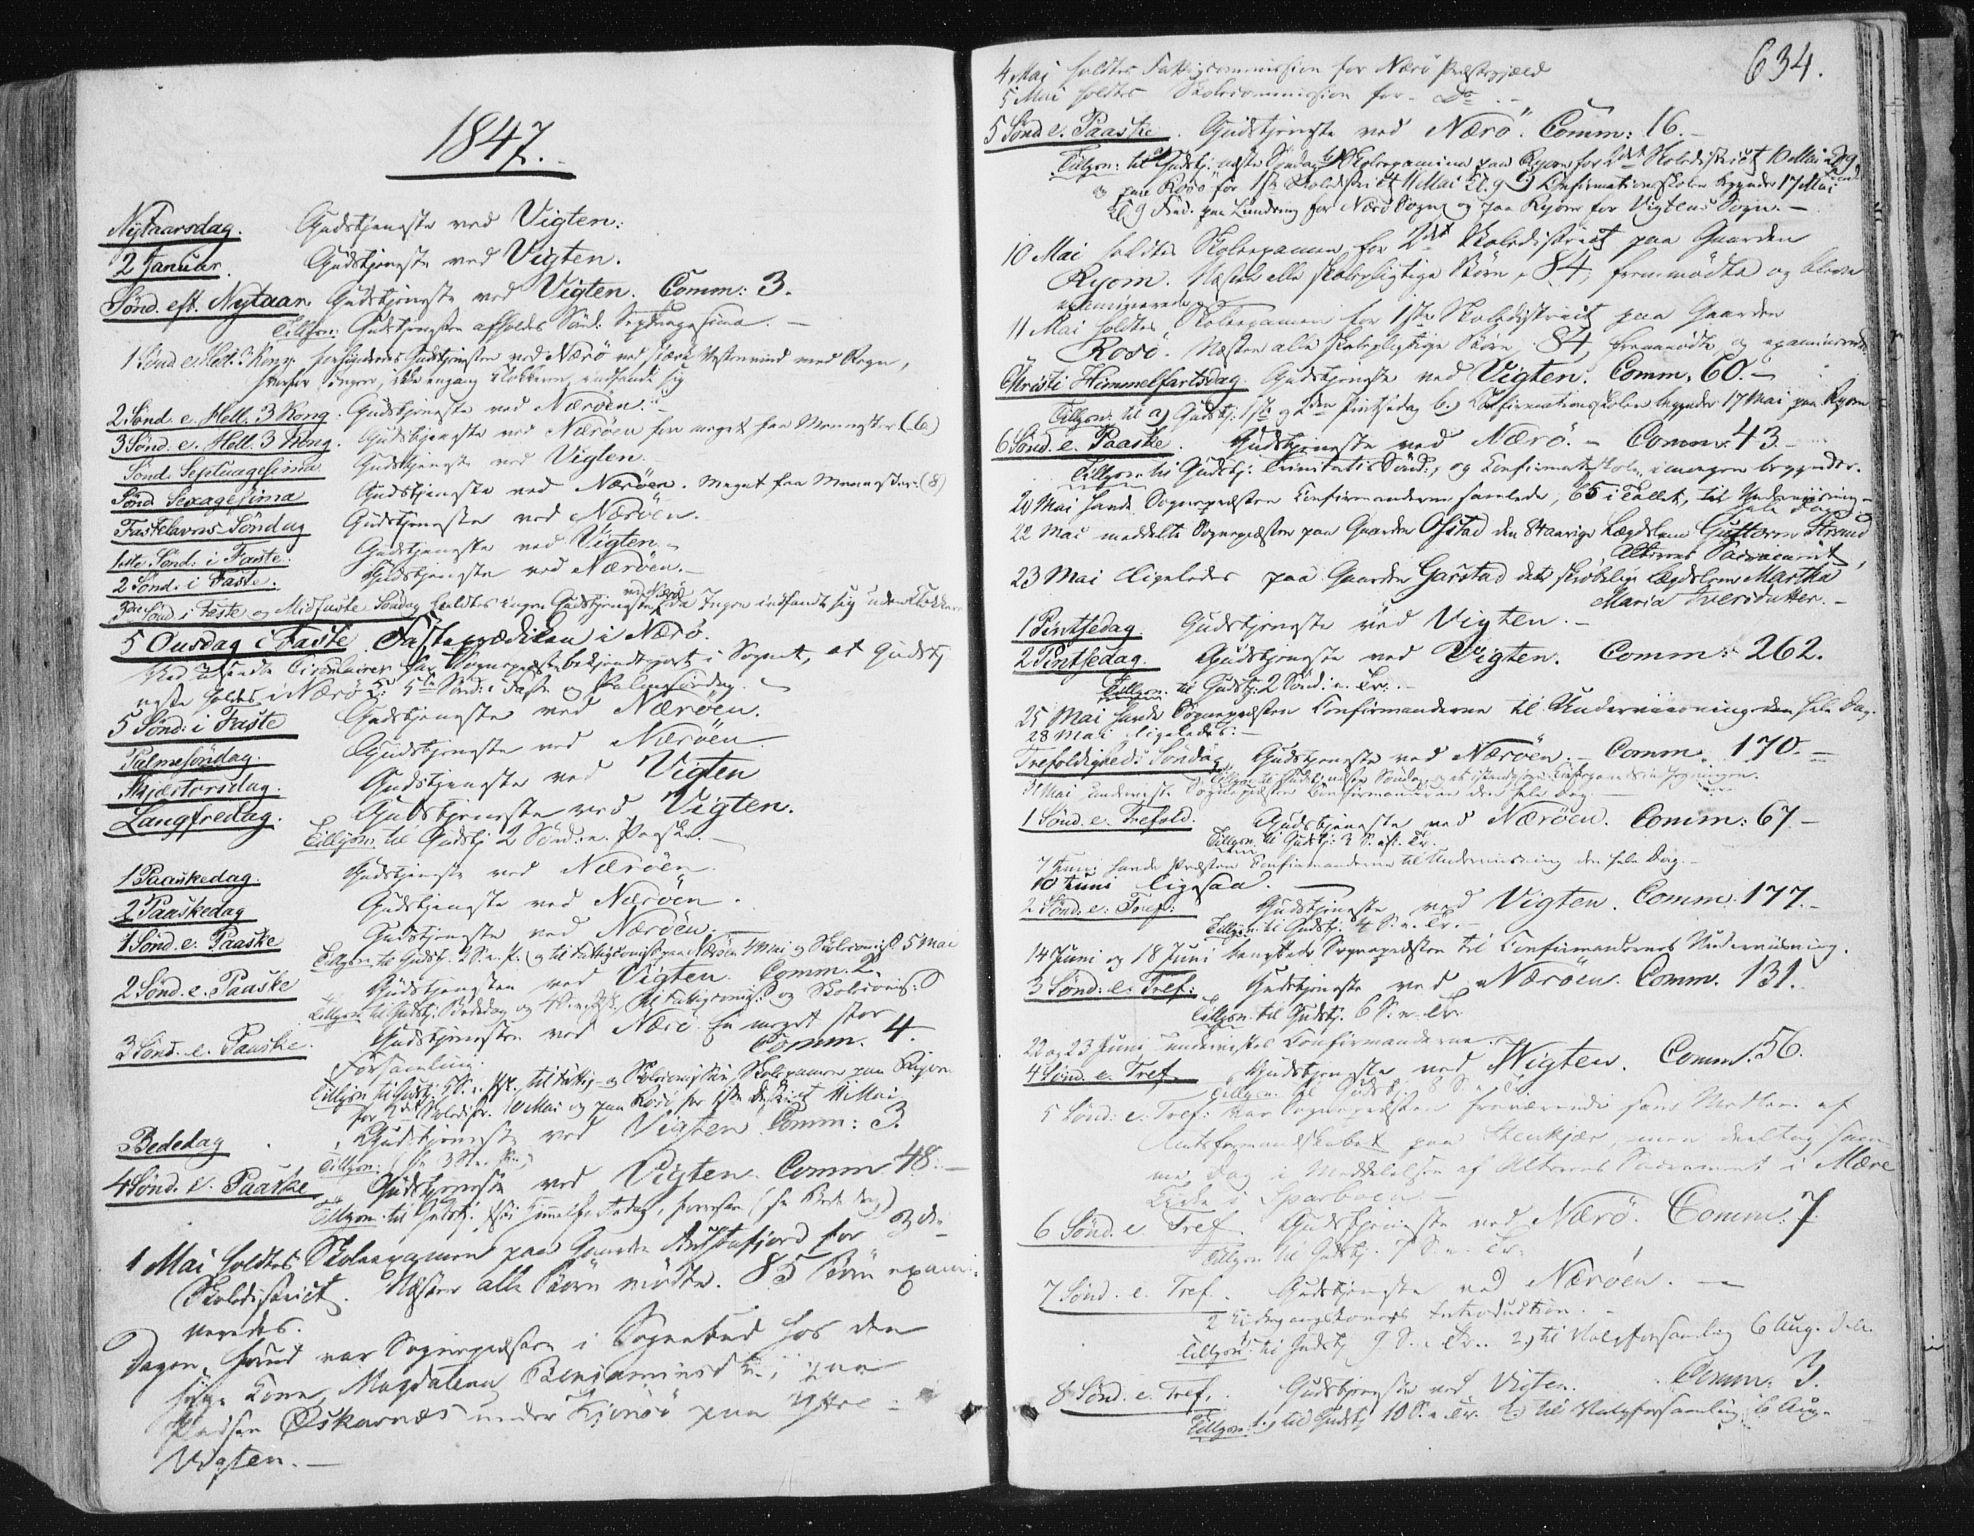 SAT, Ministerialprotokoller, klokkerbøker og fødselsregistre - Nord-Trøndelag, 784/L0669: Ministerialbok nr. 784A04, 1829-1859, s. 634